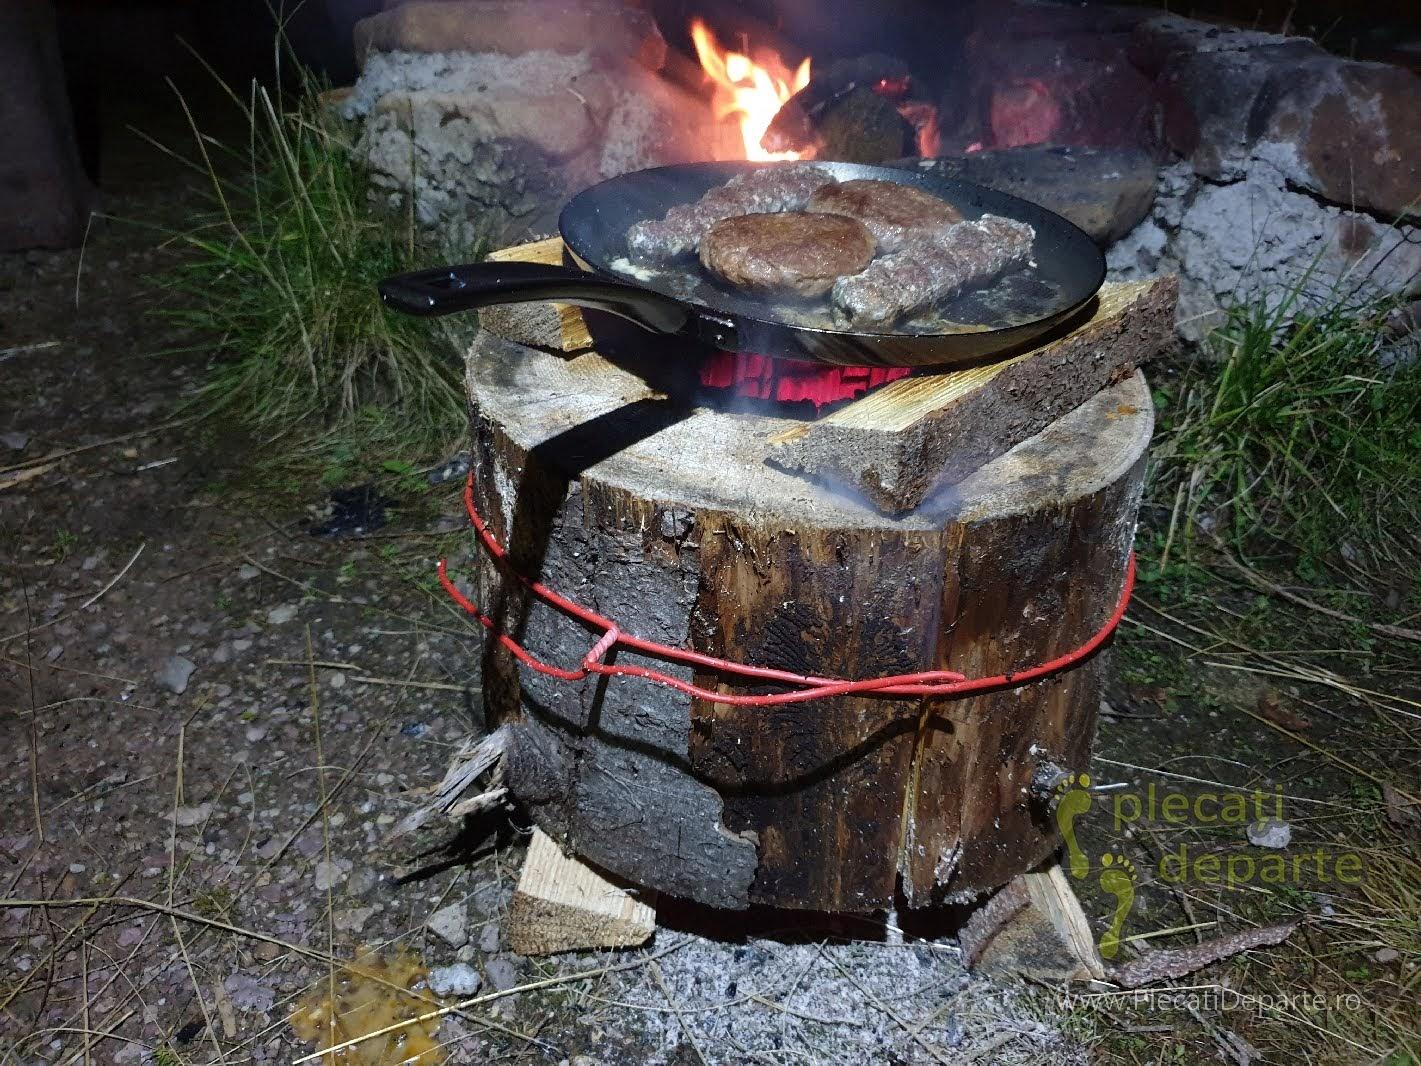 Mancare gatita folosind Torta Suedeza, in zona de campare, in Parcul Natural Apuseni zona Padis. Idee camping, idee cand mergi cu cortul